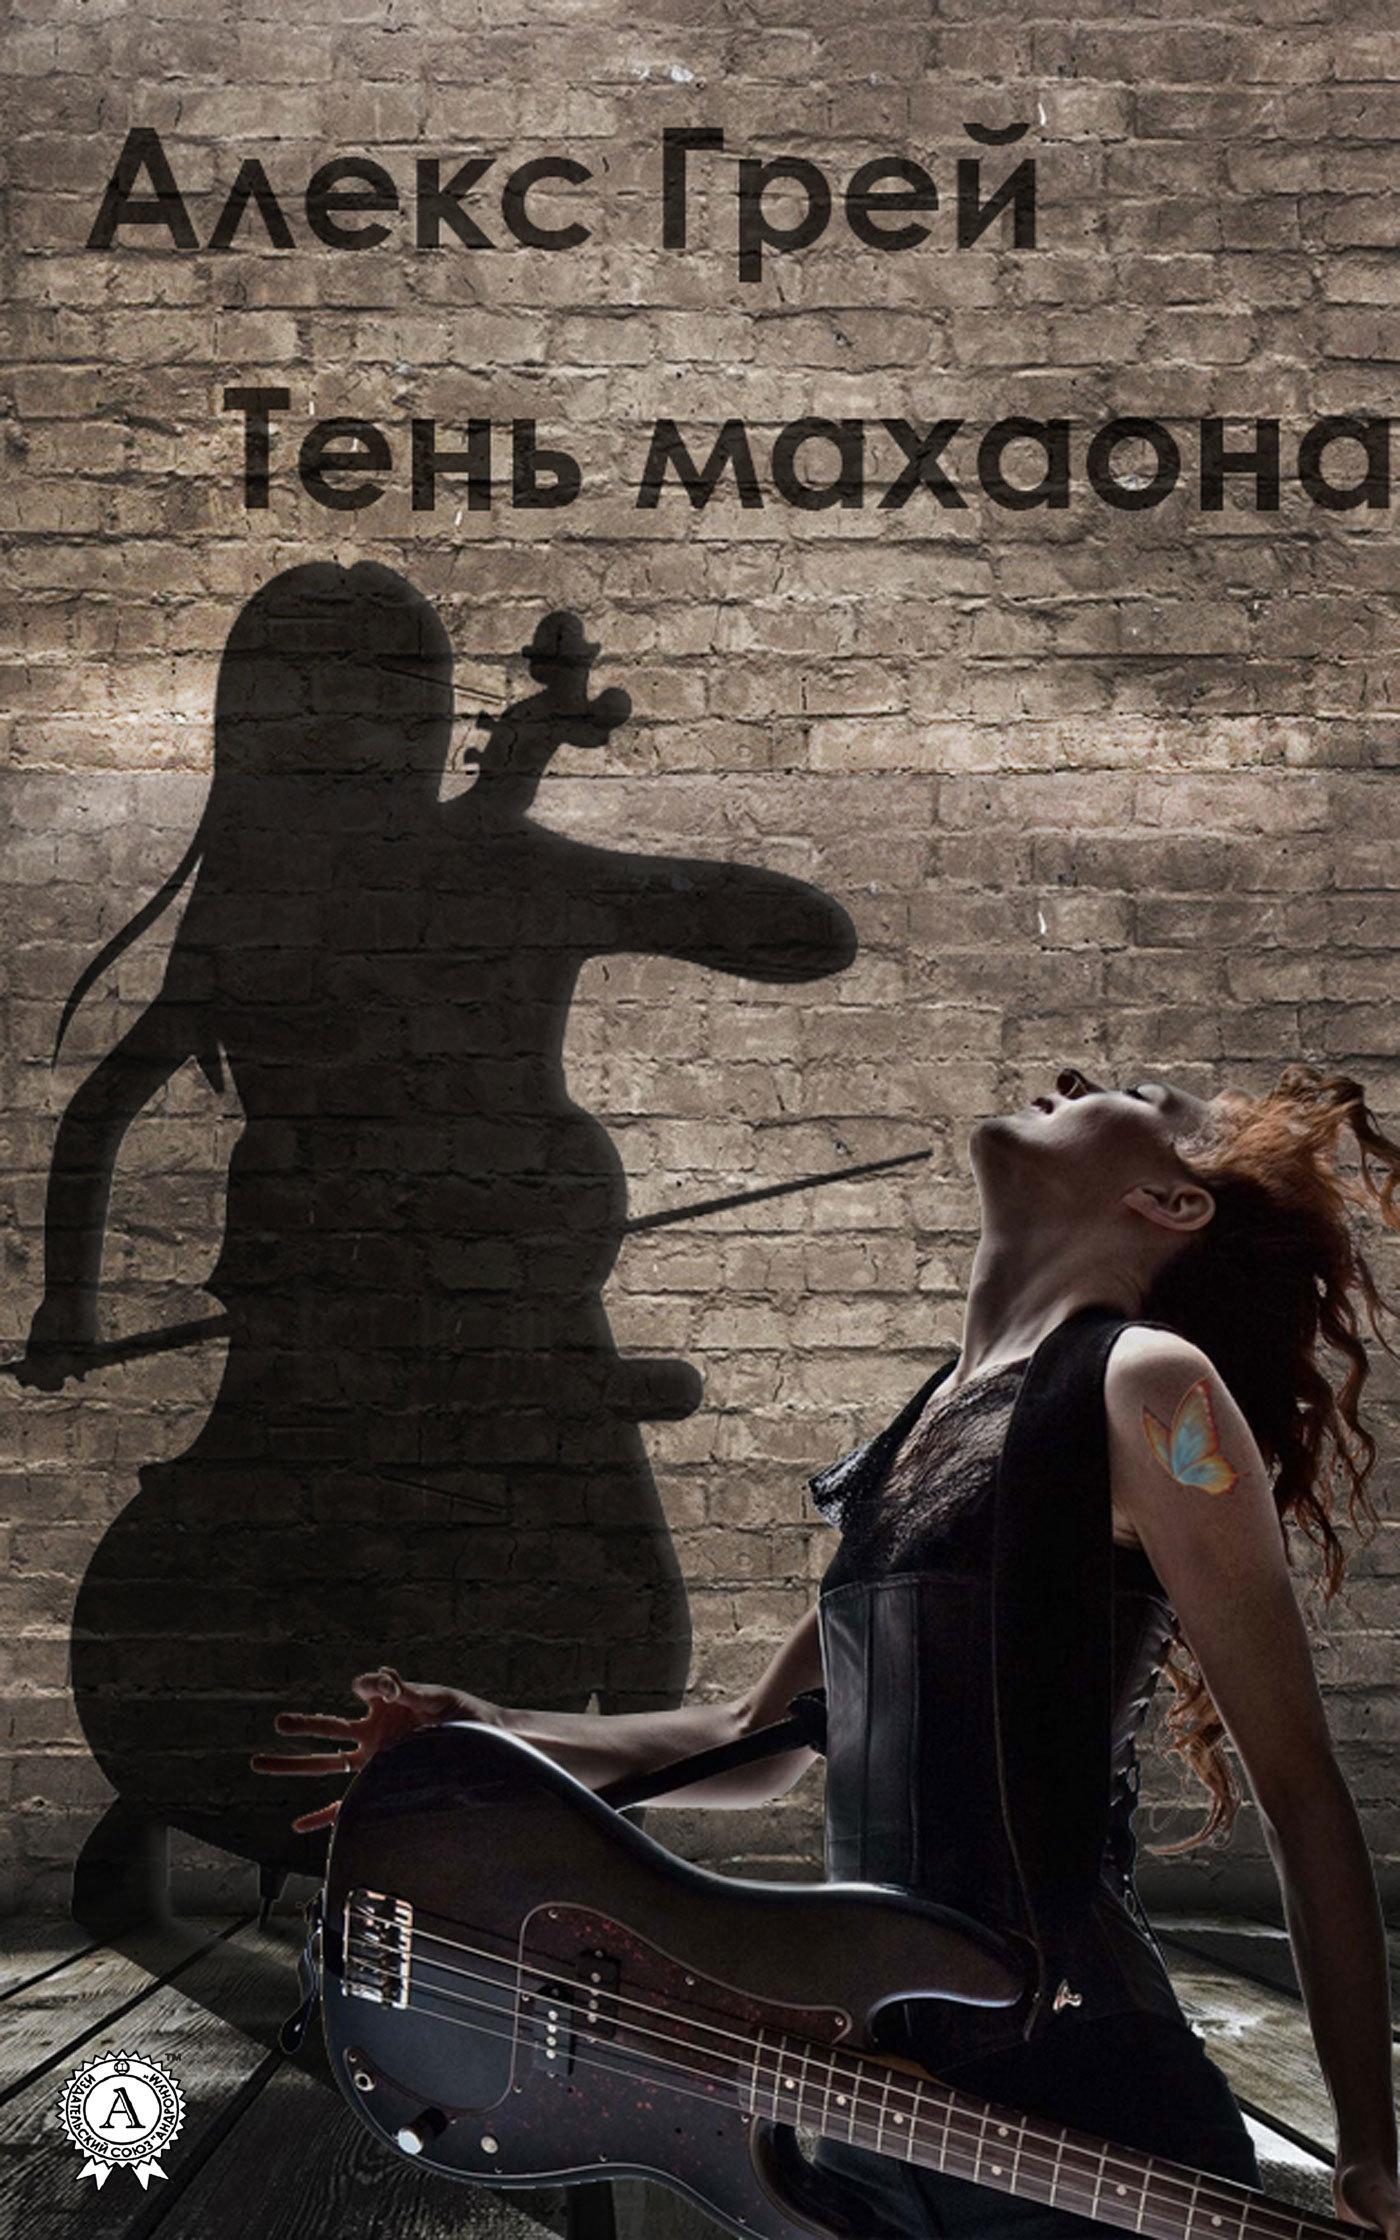 Алекс Грей - Тень Махаона